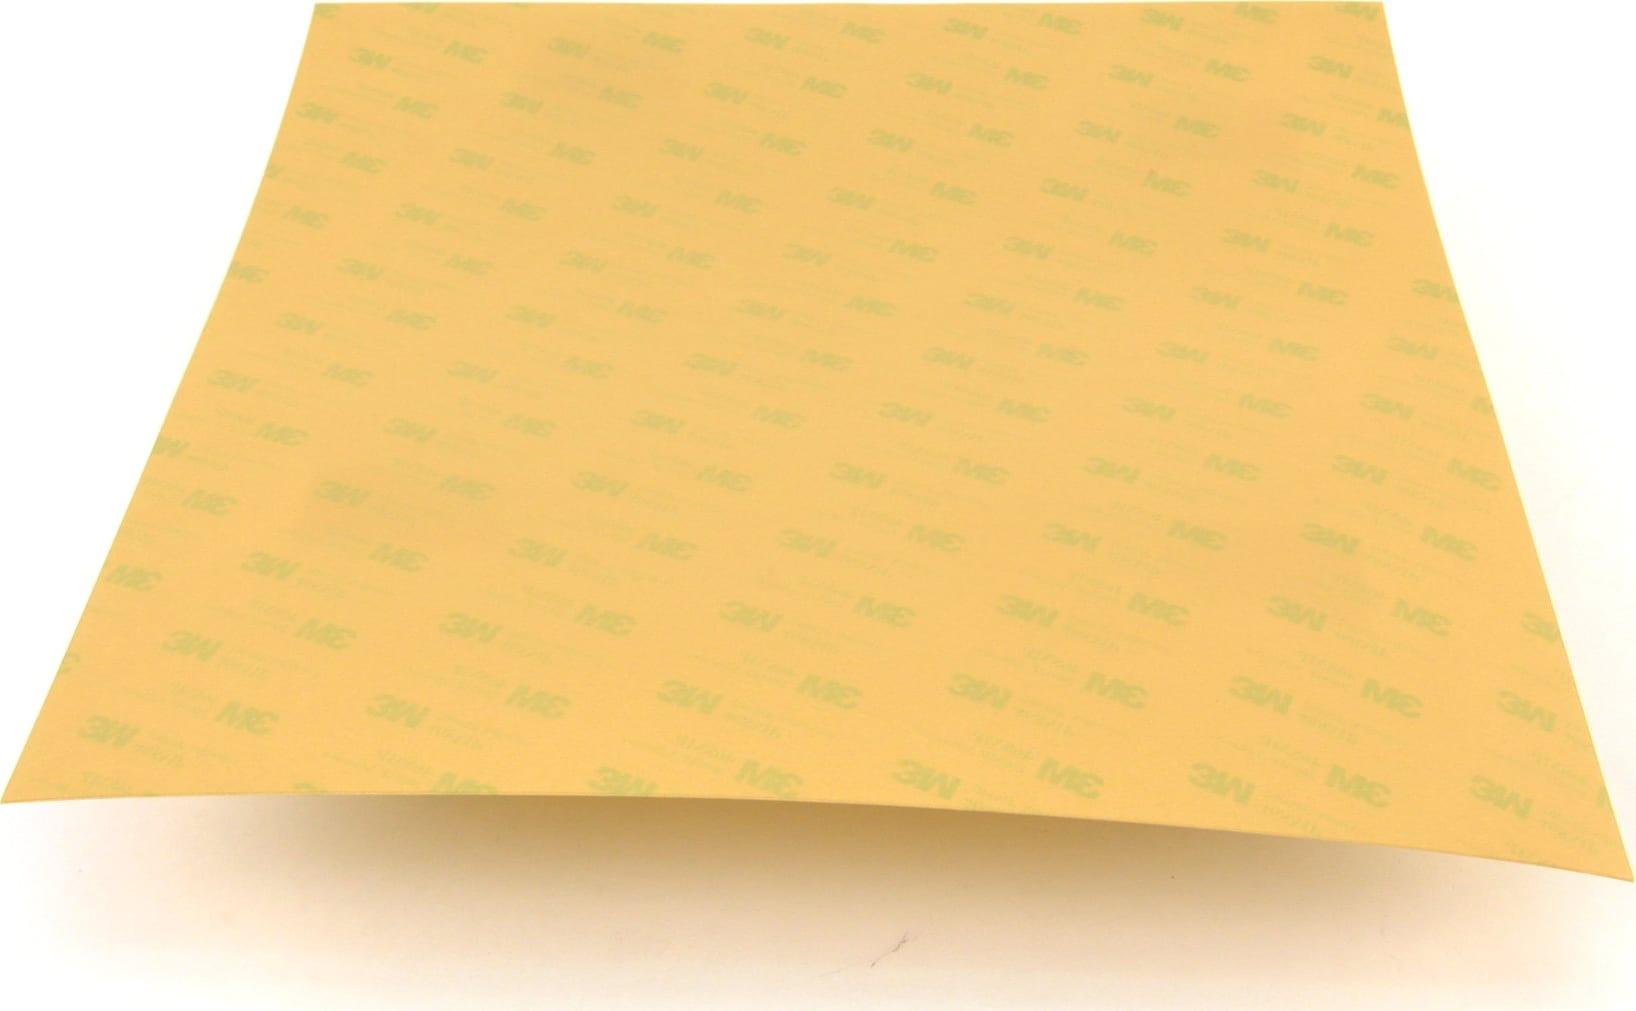 Lulzbot KT-HB0000 TAZ PEI Sheet